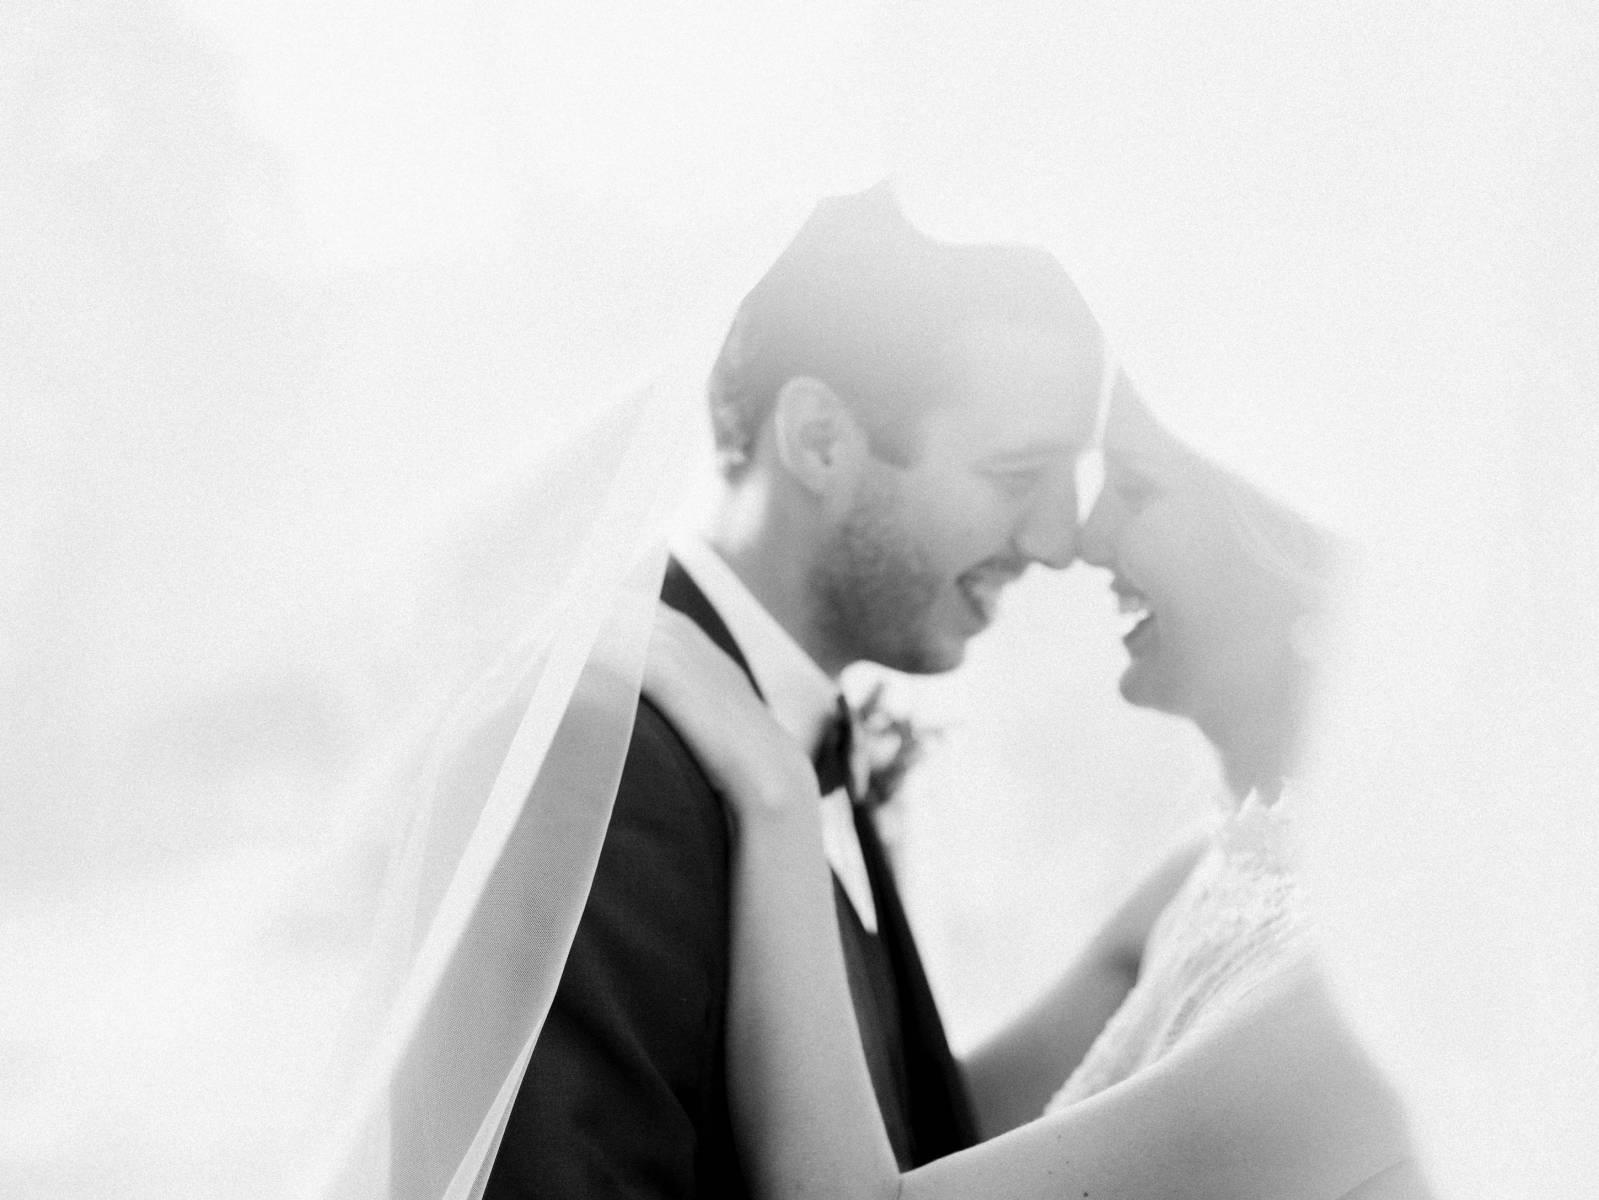 Elisabeth Van Lent - Huwelijksfotograaf - Fine Art - House of Weddings - 7